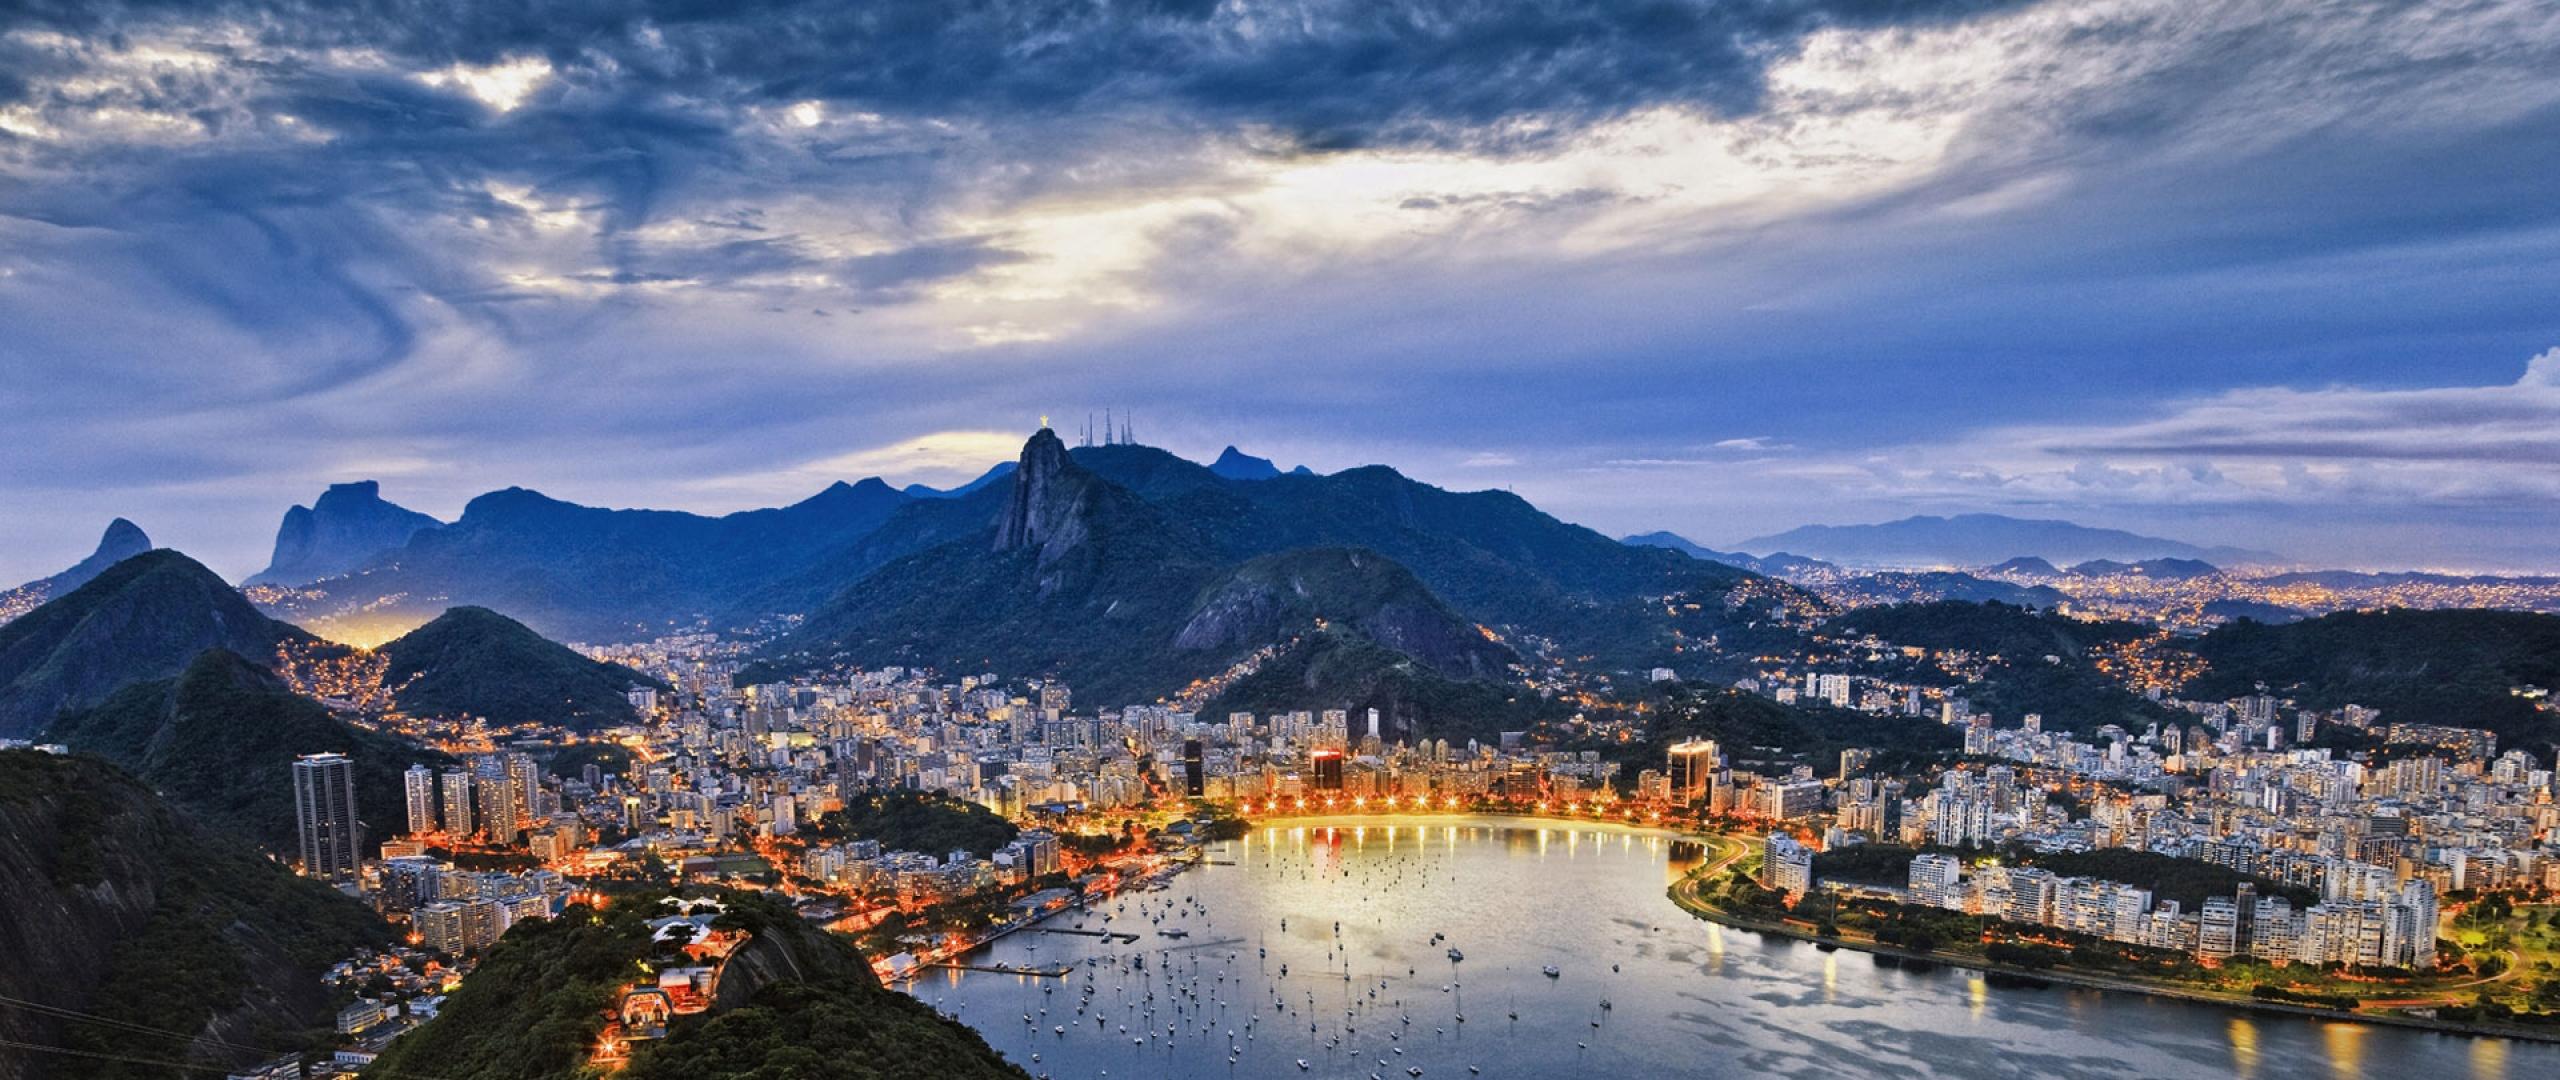 2560x1080 Wallpaper brazil rio de janeiro guanabara bay city 2560x1080